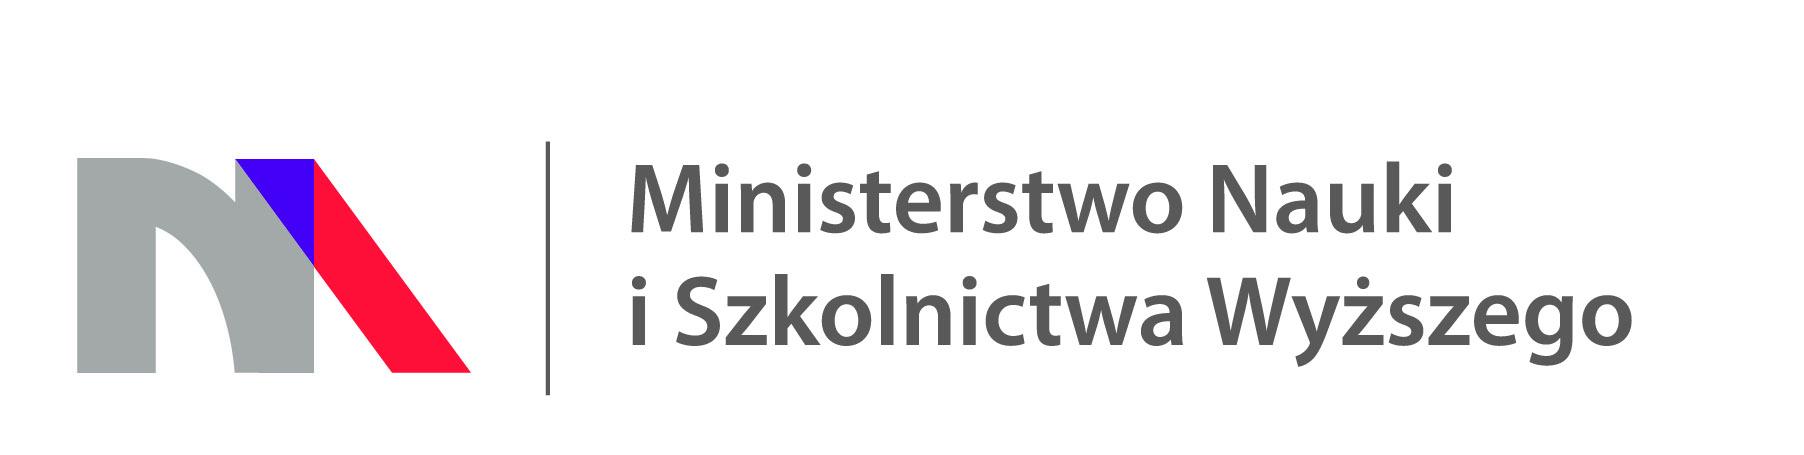 Ministerstwo Nauki i Szkolnictwa Wyższego